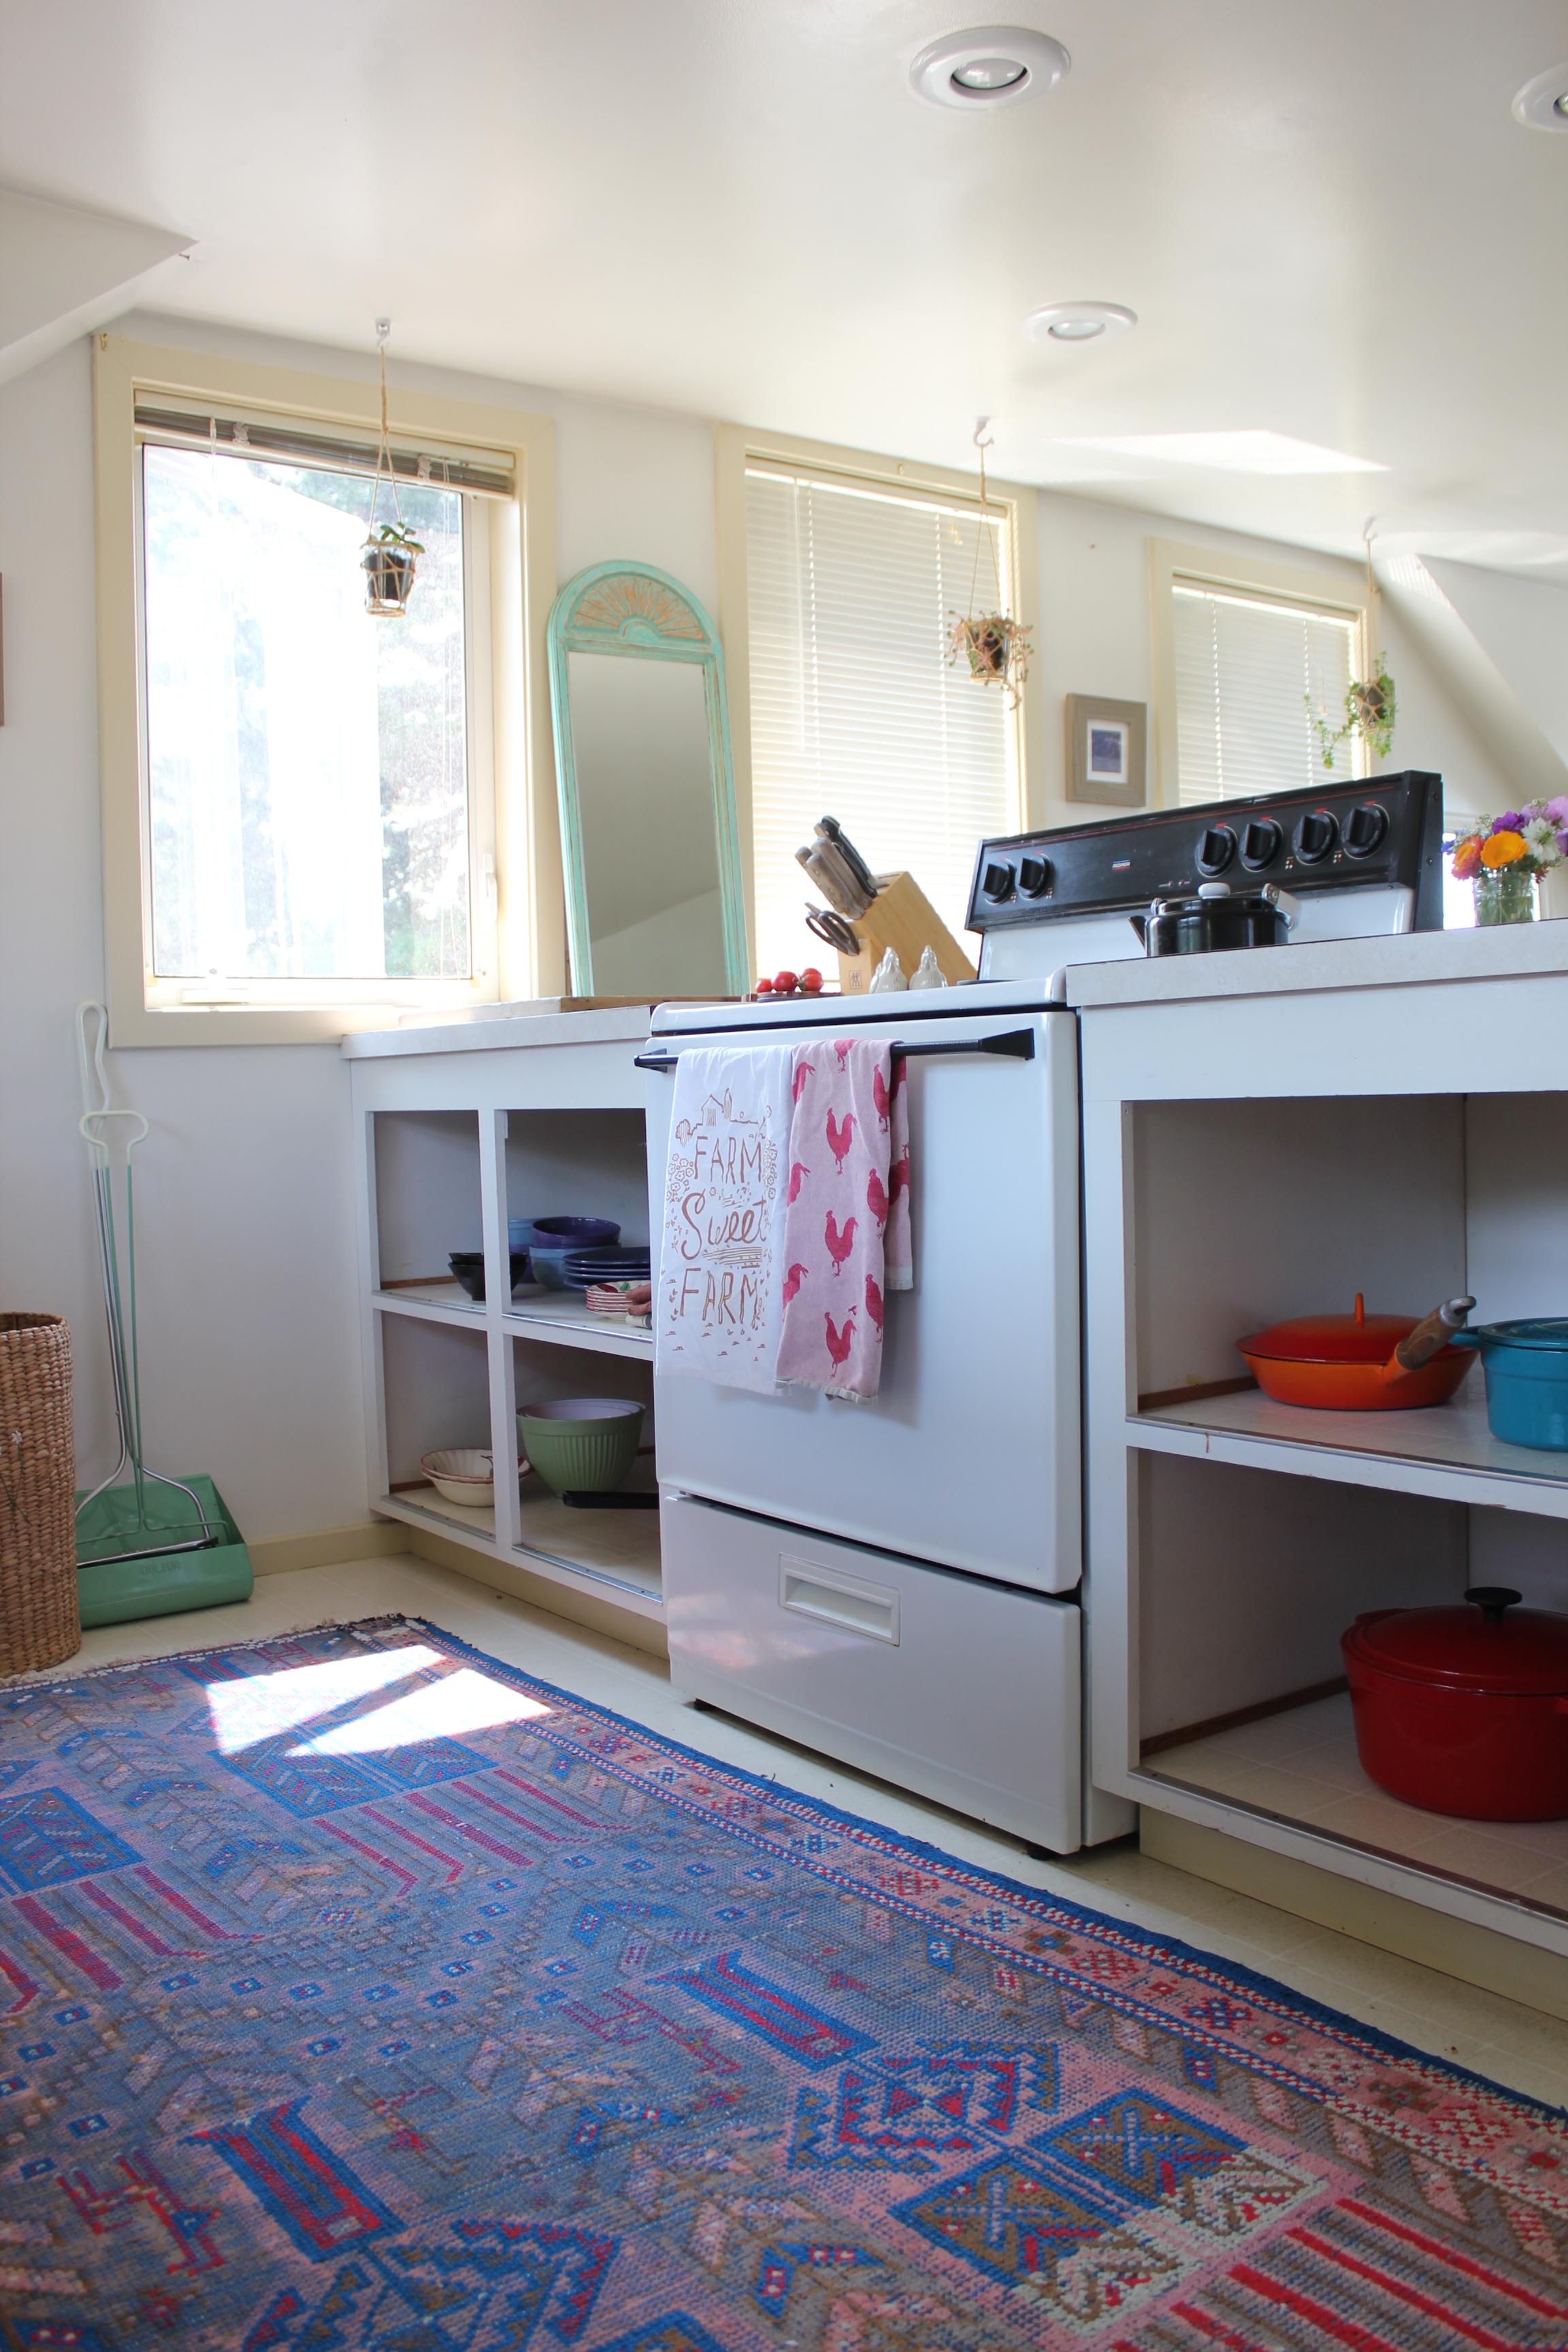 colorful farm kitchen in loft studio at plum nelli.JPG